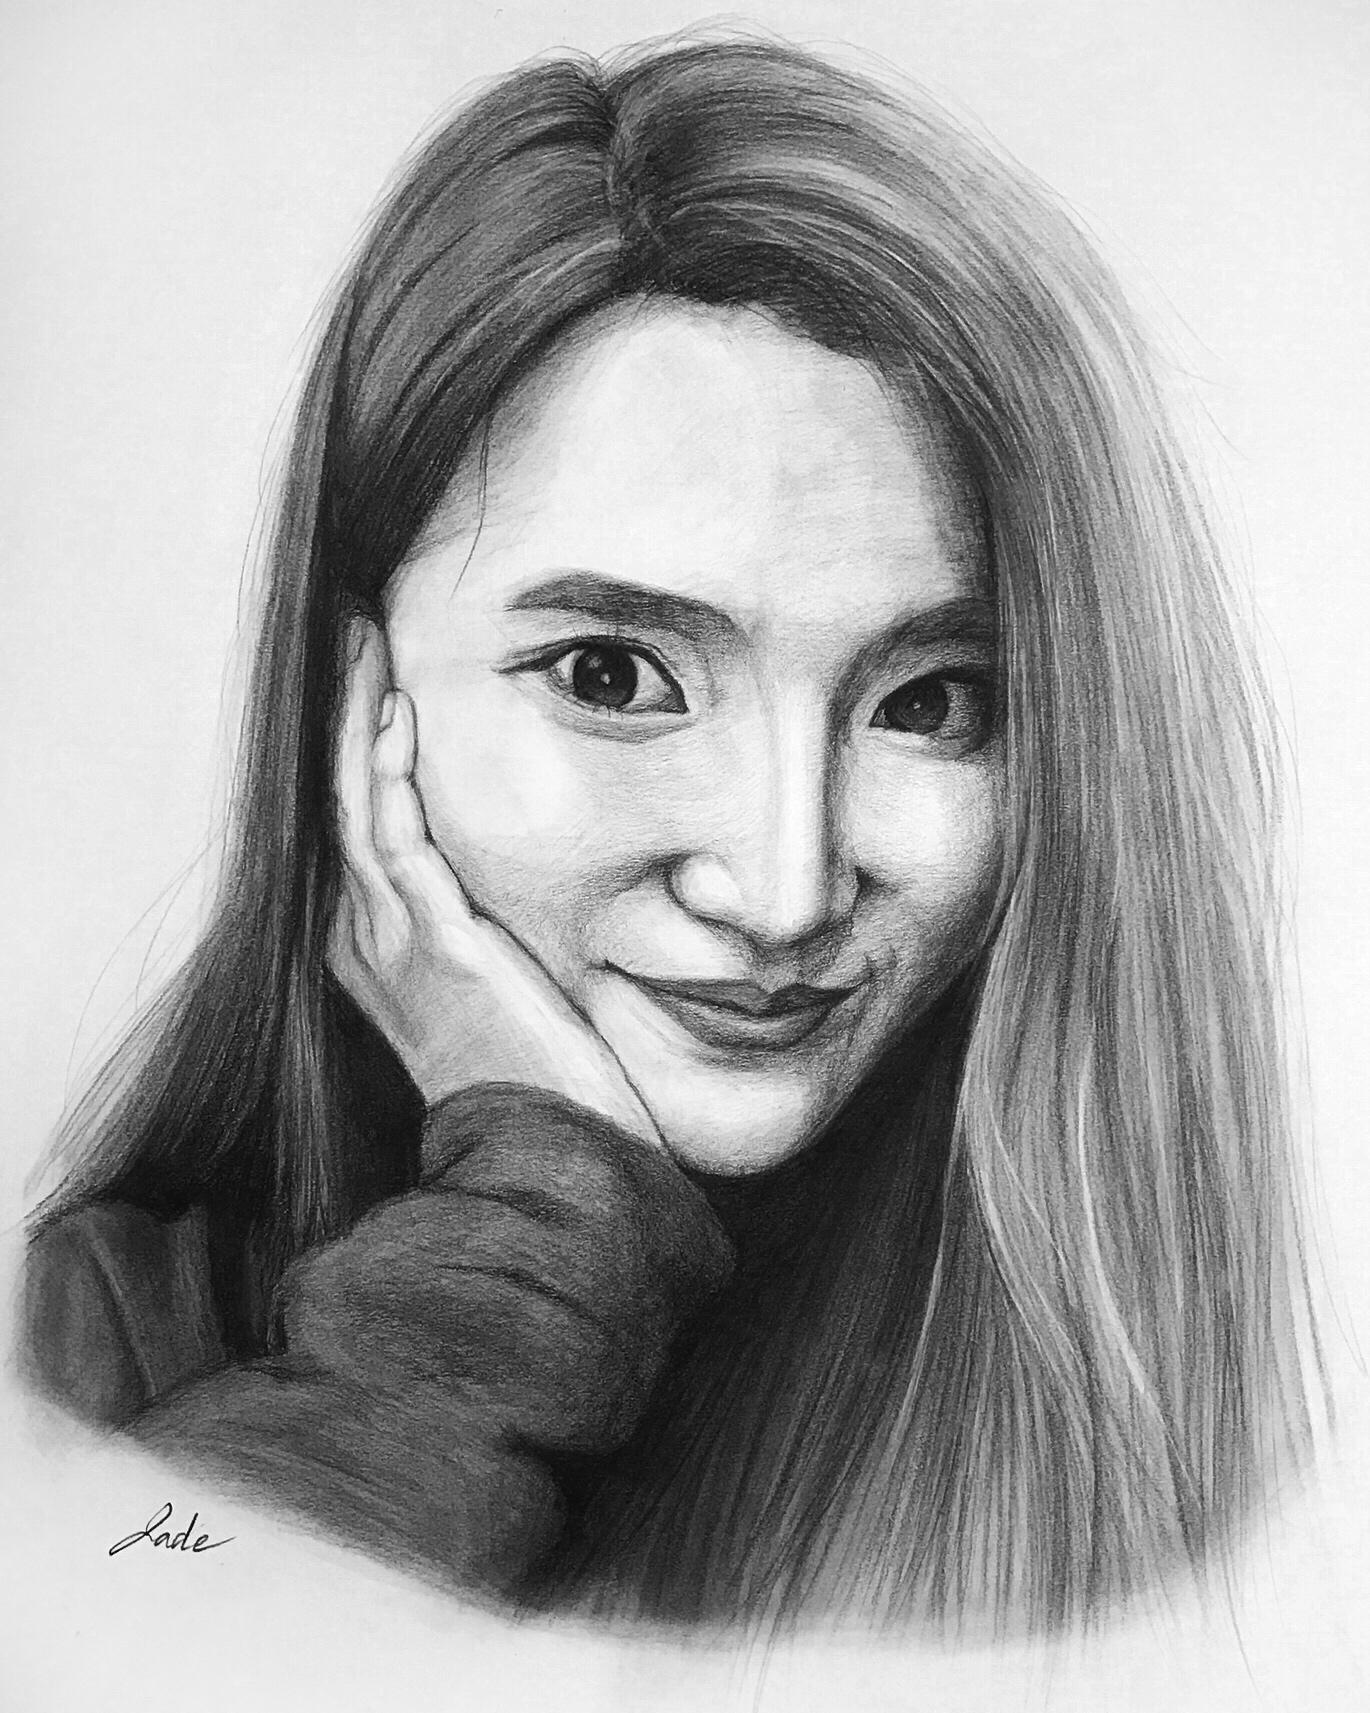 Liqi Sheng, shy girl2 charcoal